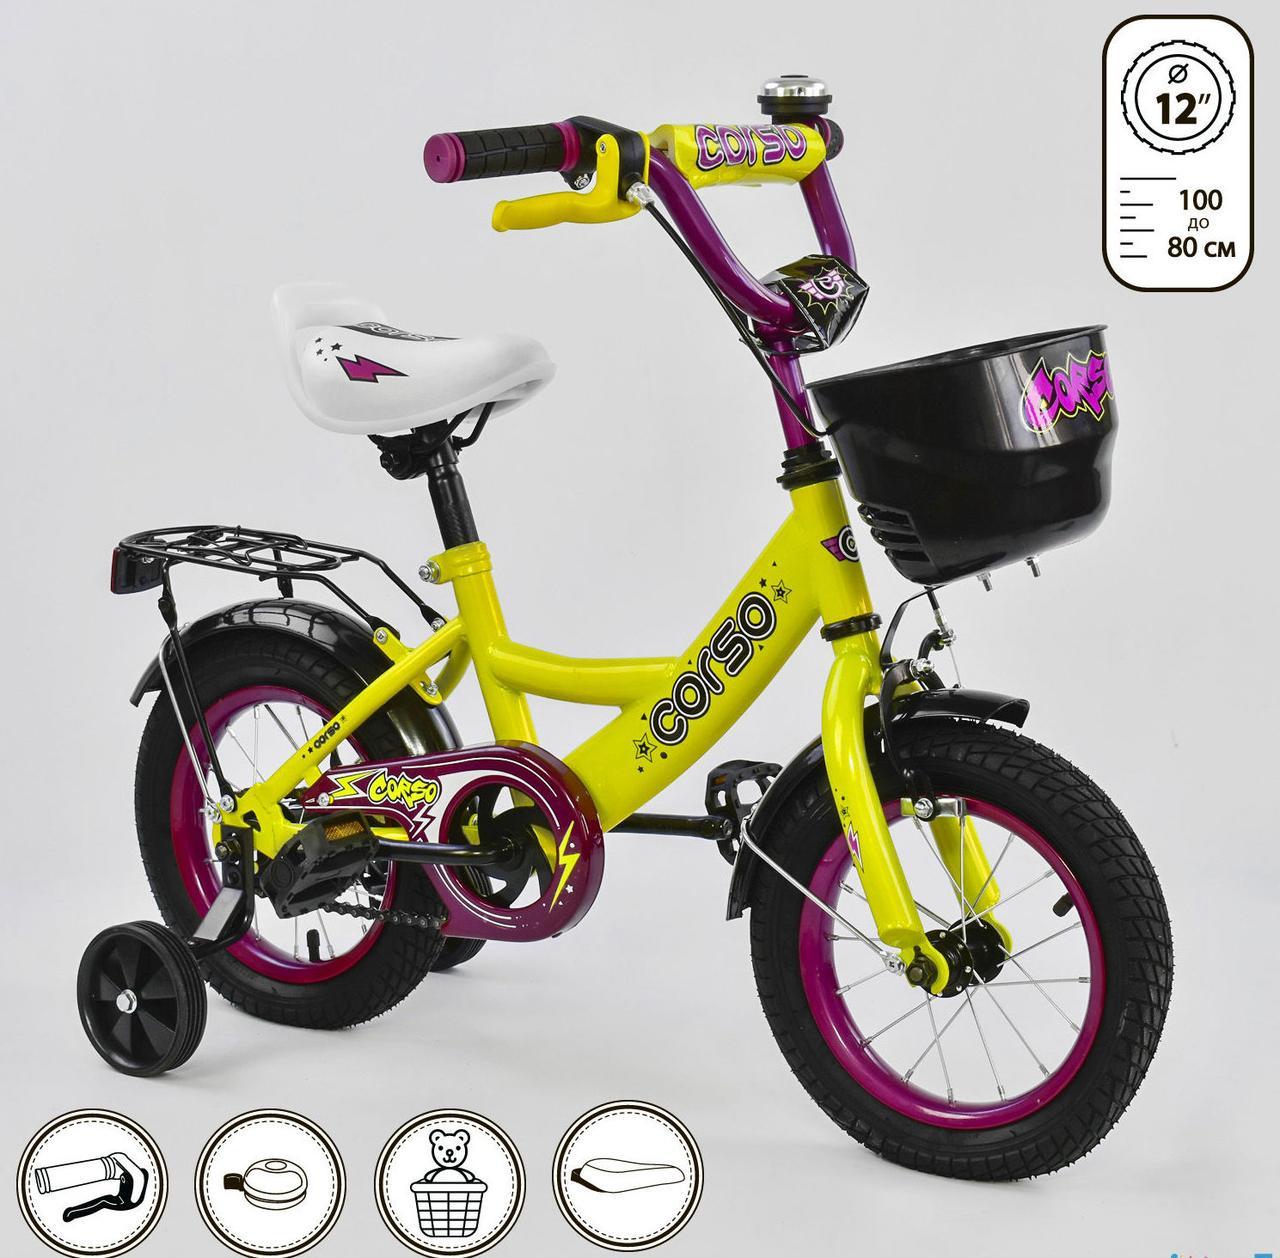 """Велосипед 12"""" дюймов 2-х колёсный G-12310""""CORSO"""" ручной тормоз, корзинка, звоночек, сидение с ручкой,"""